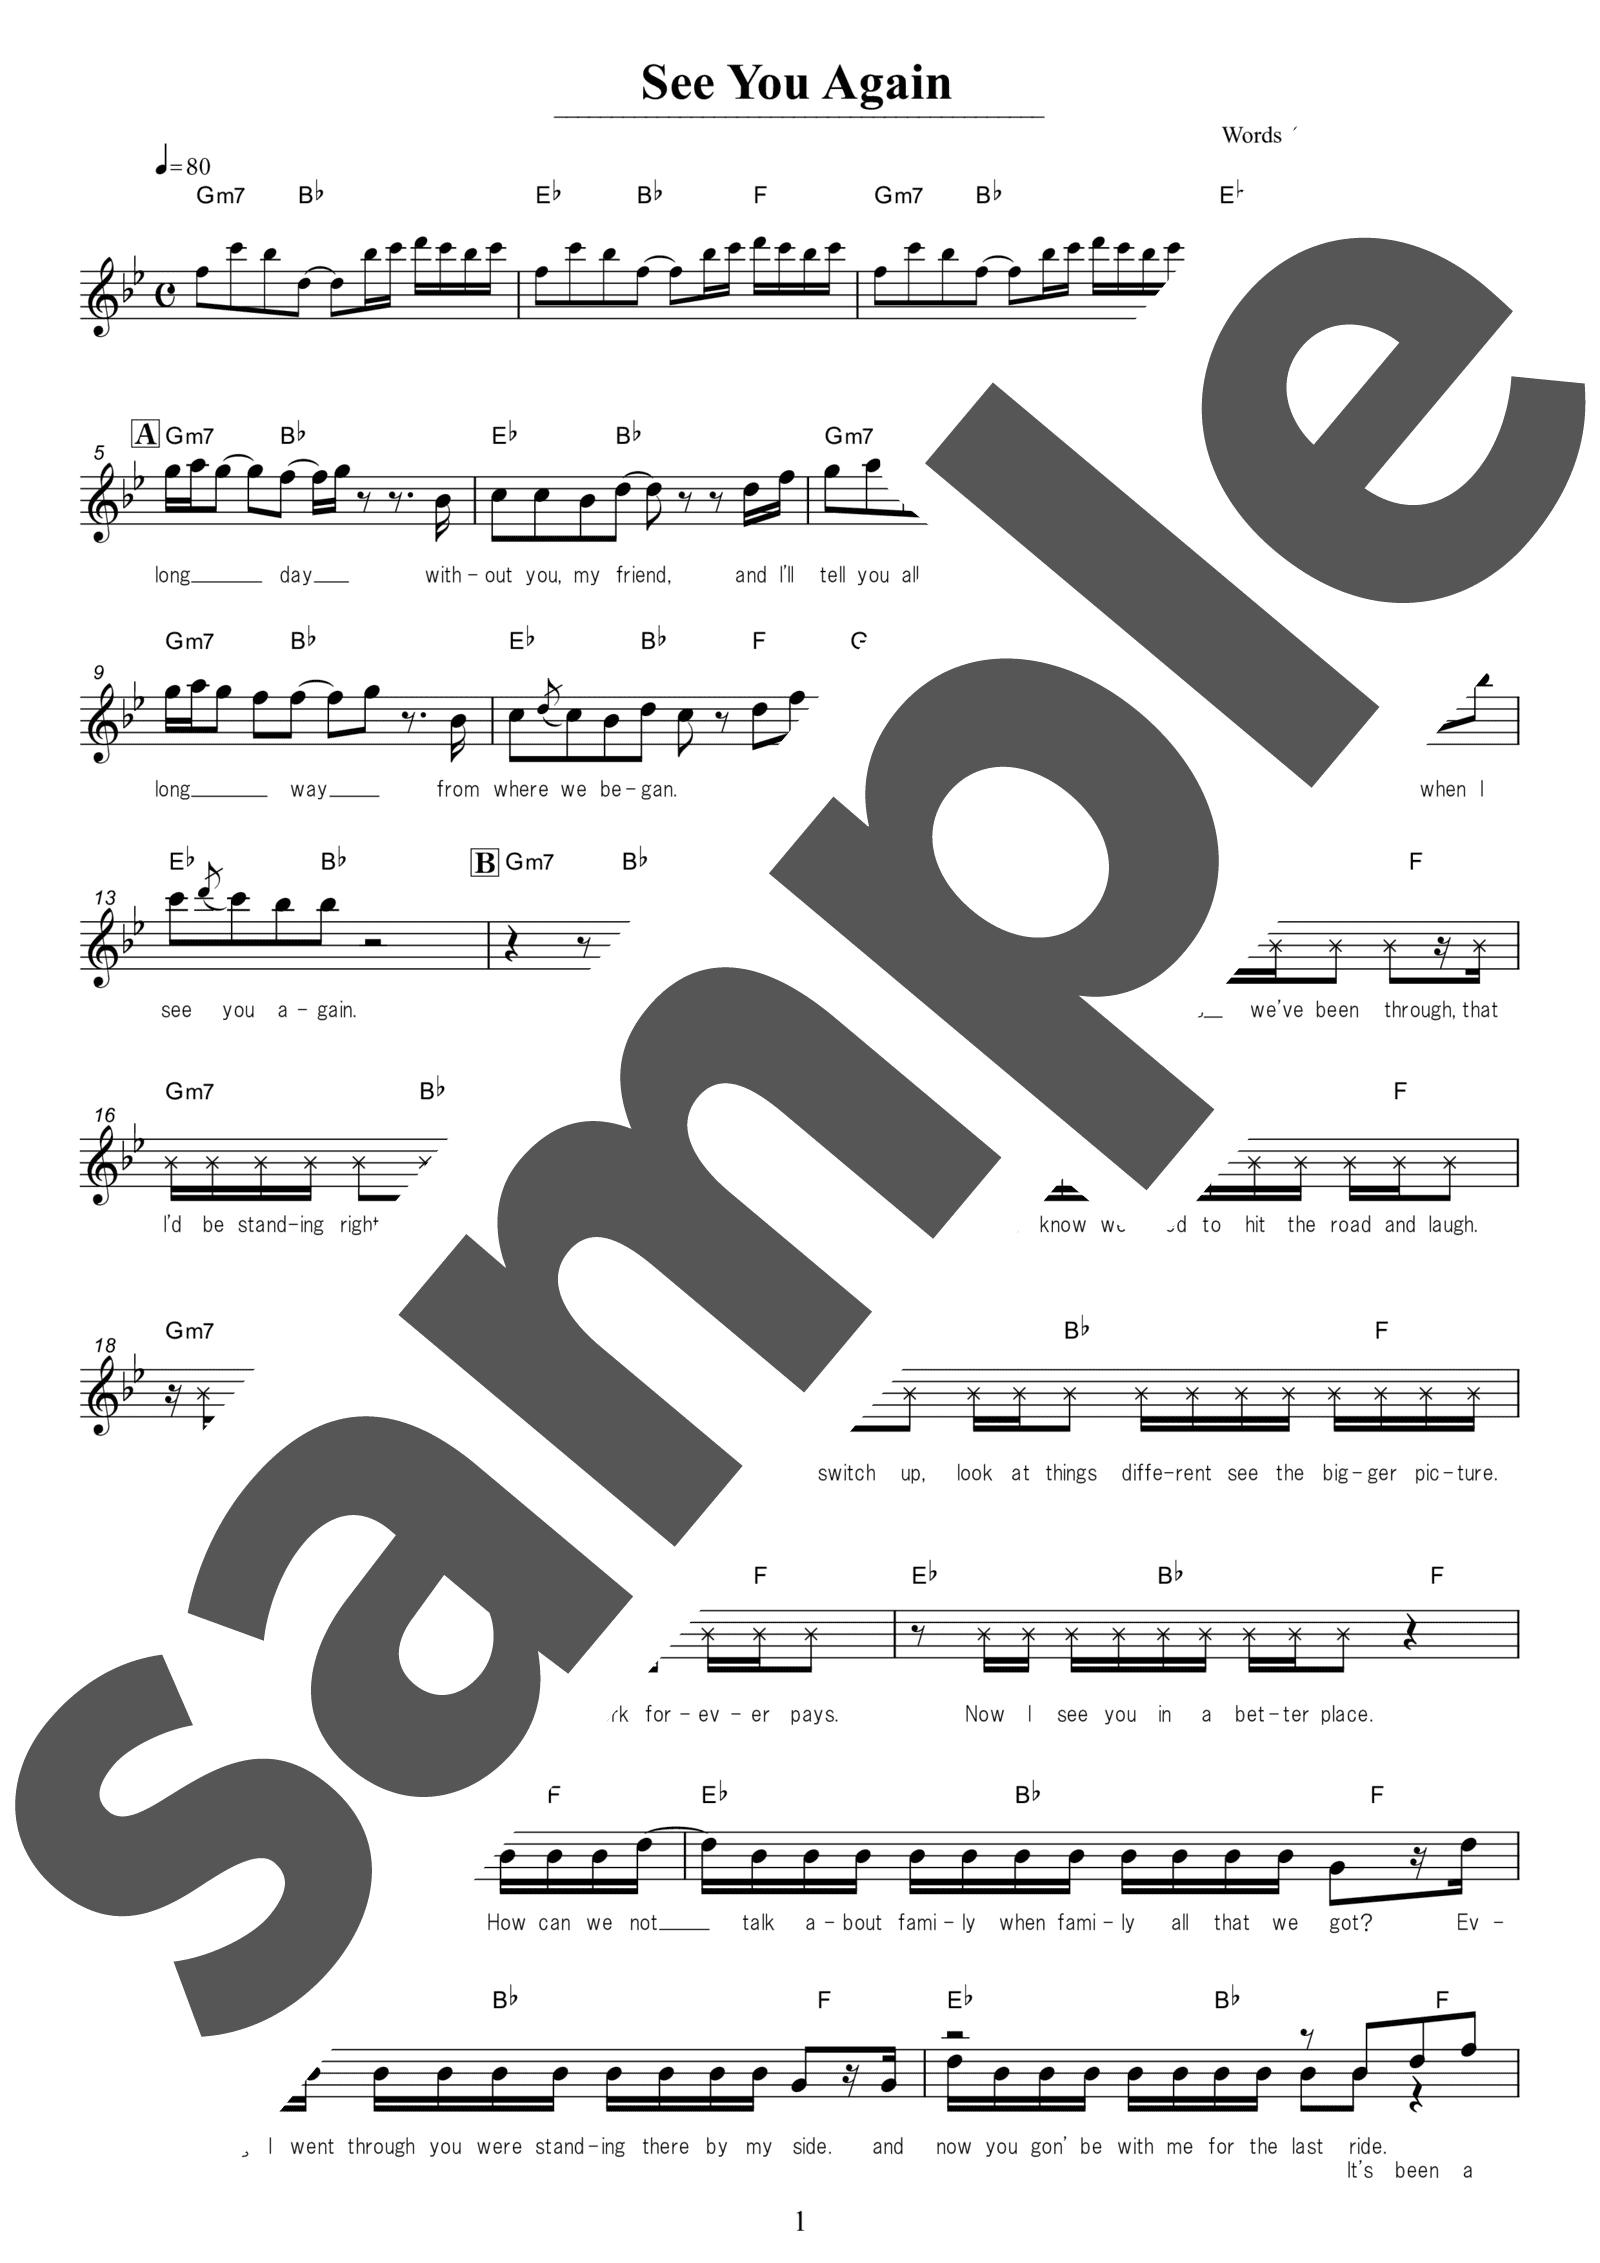 「See You Again」のサンプル楽譜